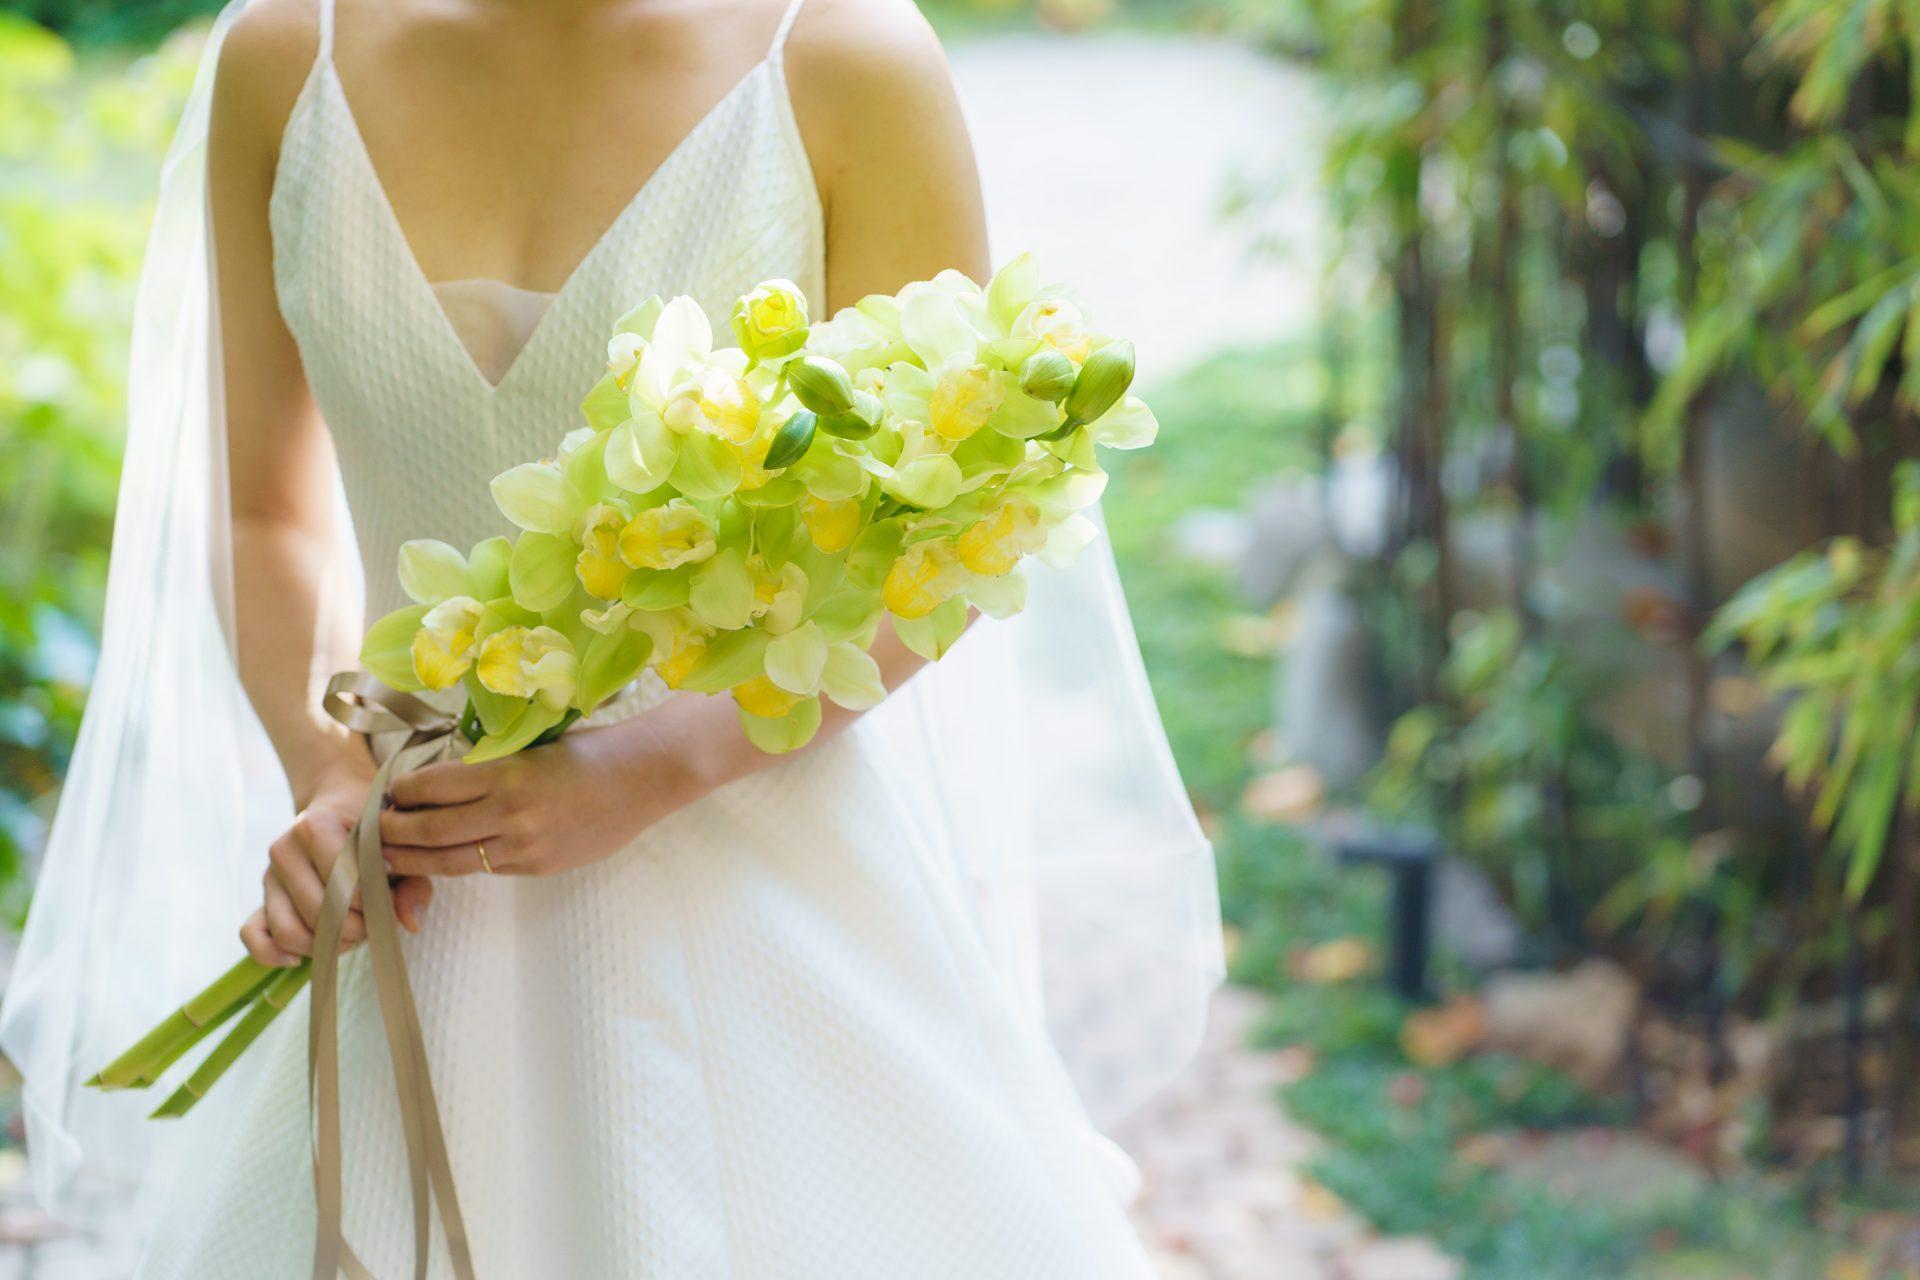 シンプルなAラインのウェディングドレスにマッチするフレッシュなグリーンのブーケを合わせたご新婦様